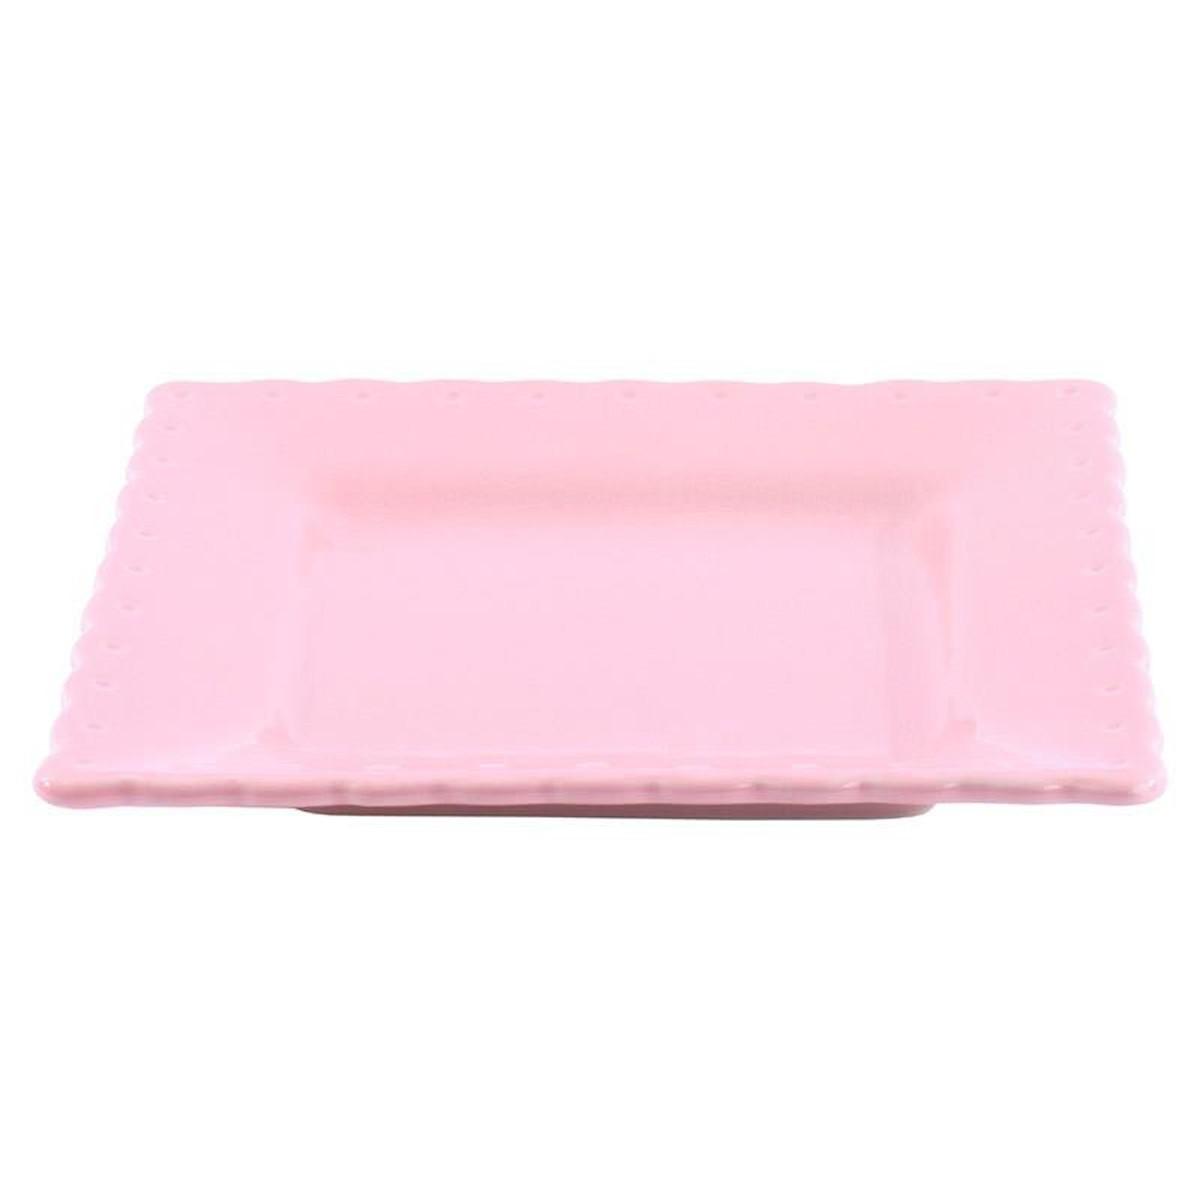 Πιάτα Φαγητού (Σετ 6τμχ) InArt Piedra Pink 3-60-520-0011